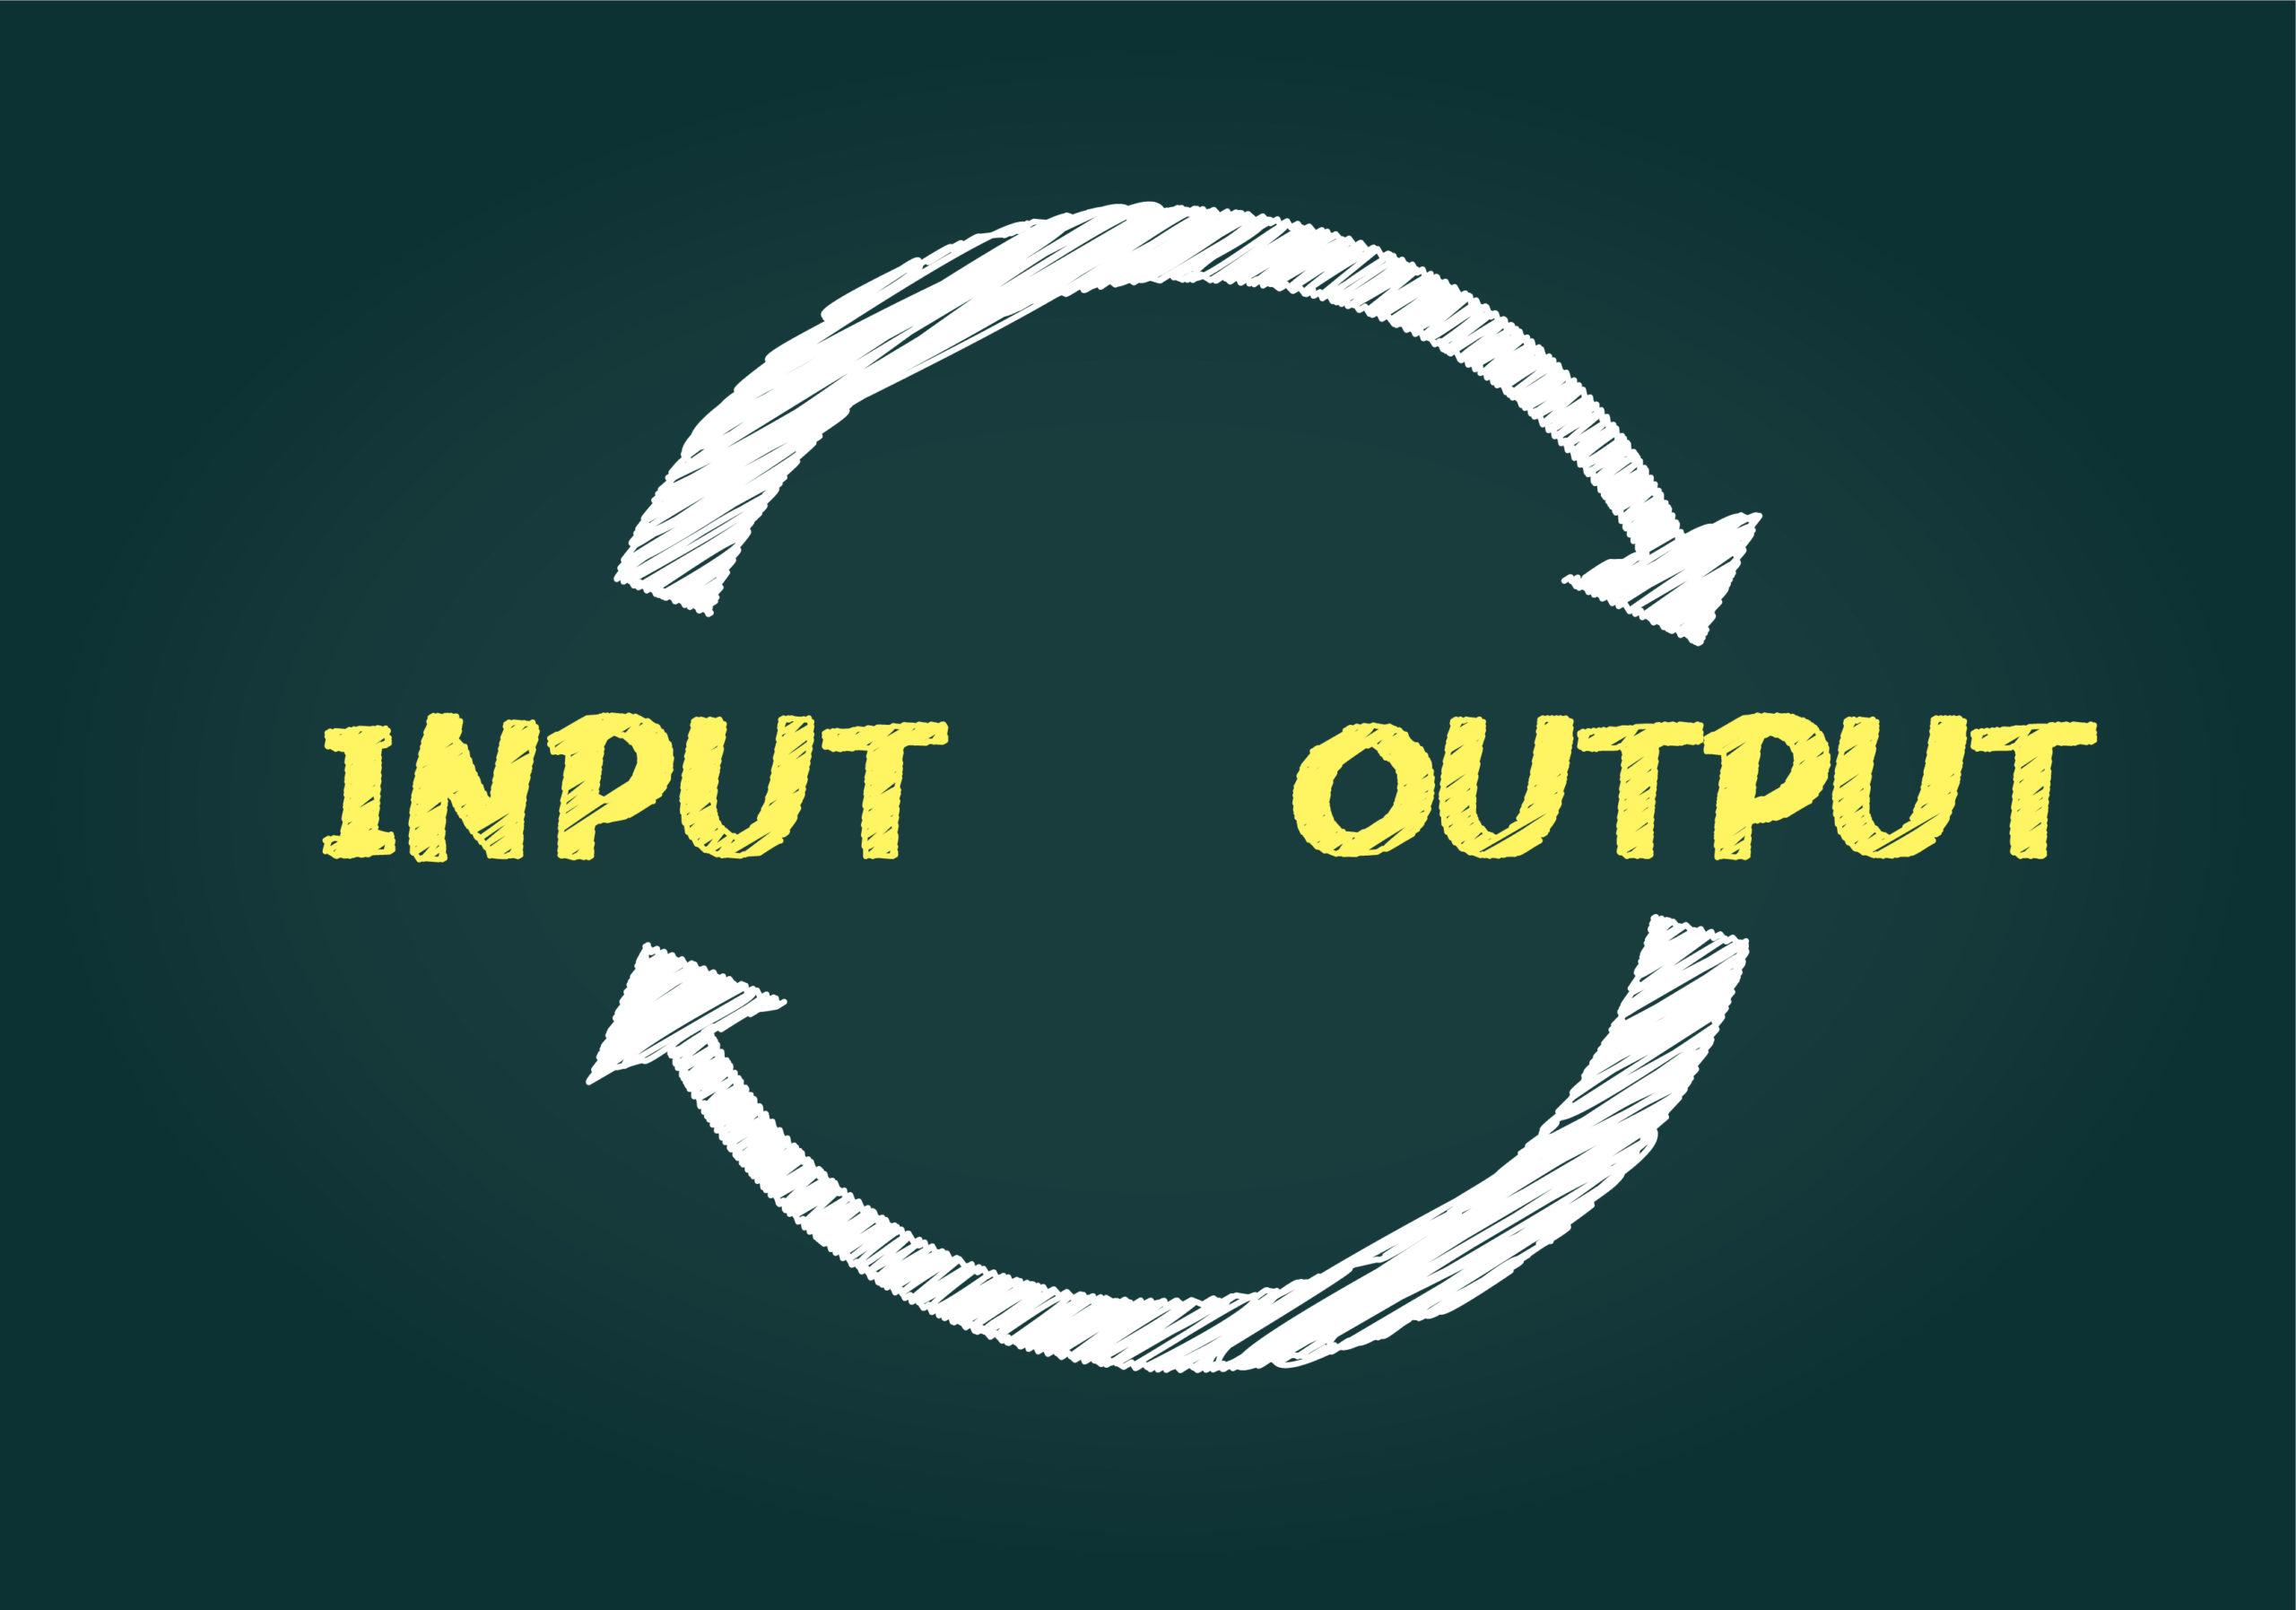 小論文の得点アップに欠かせないのは、インプット量とアフトプット量です。